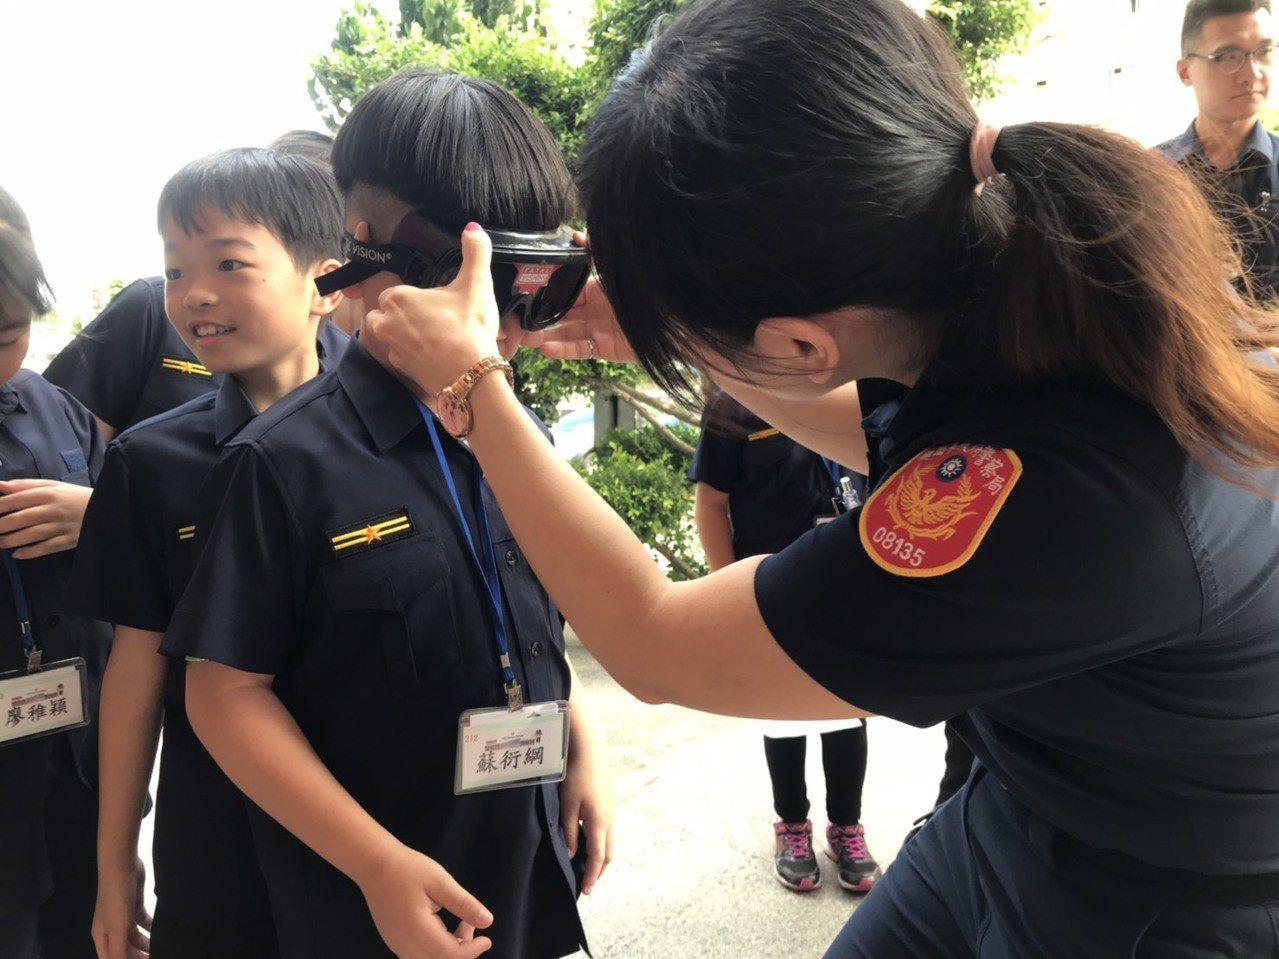 平鎮警分局暑假青春波麗士神探體驗營,為宣導勺酒駕,安排參與青少年試戴上酒後眼鏡,...